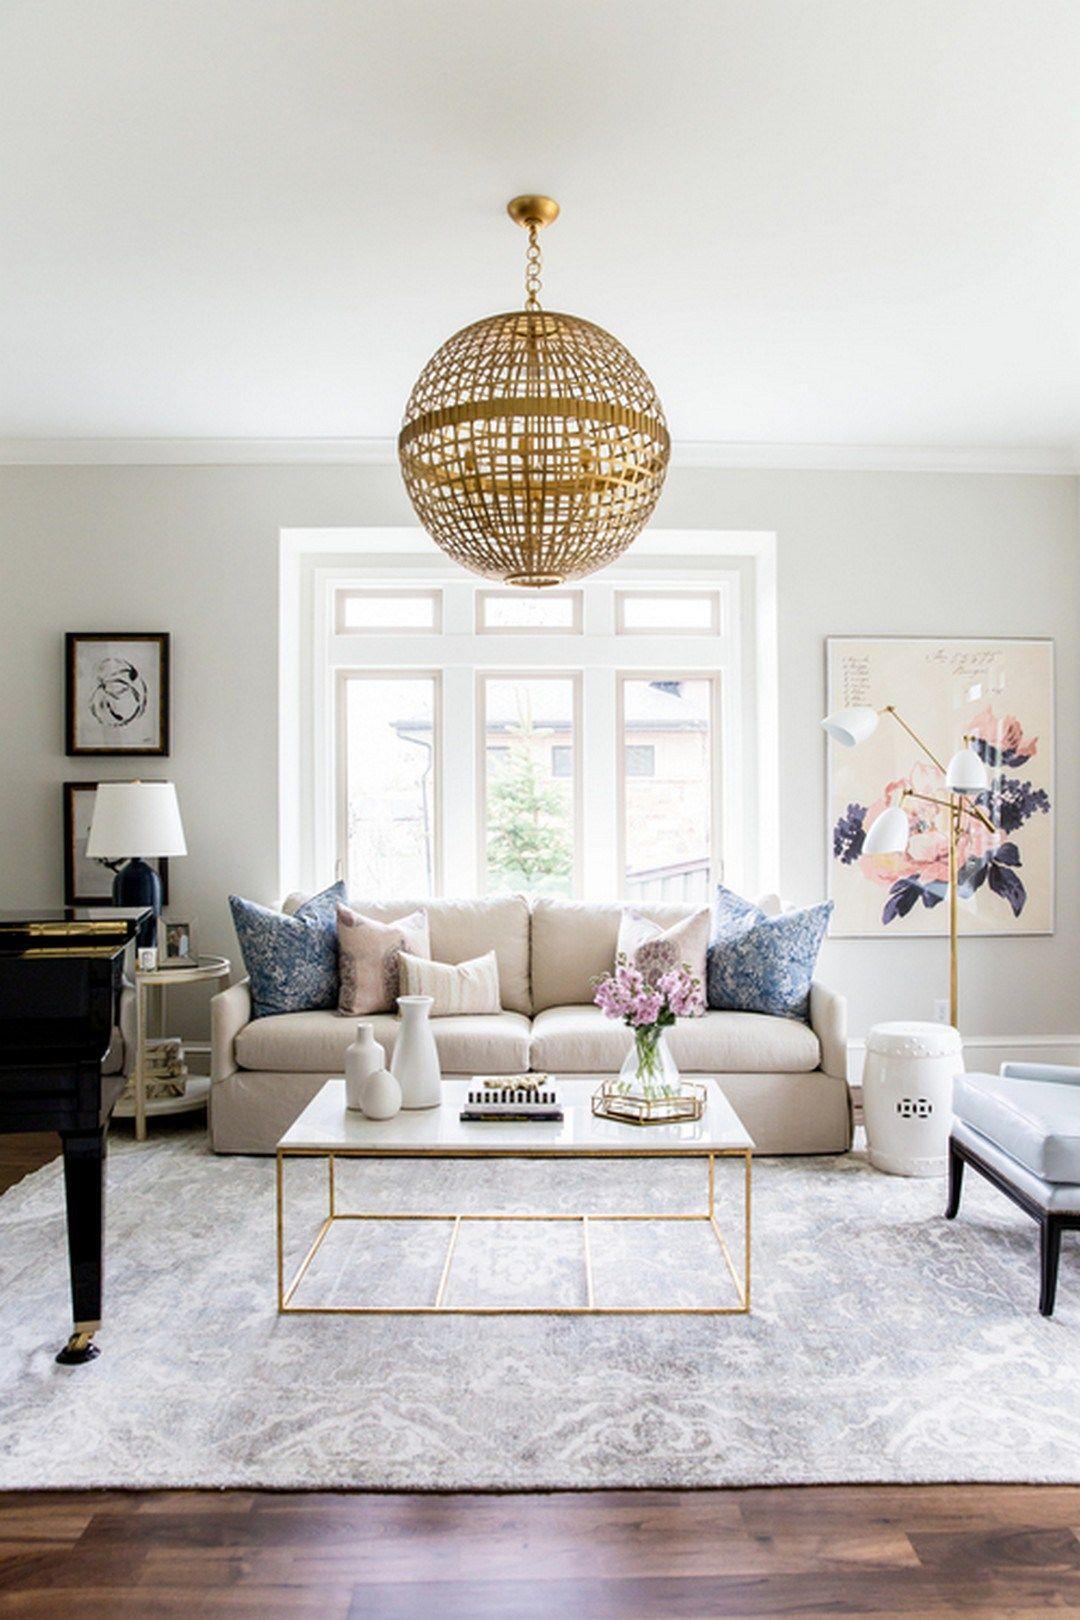 99 Greige Living Room Decor Inspiration (27) | Home decor ...